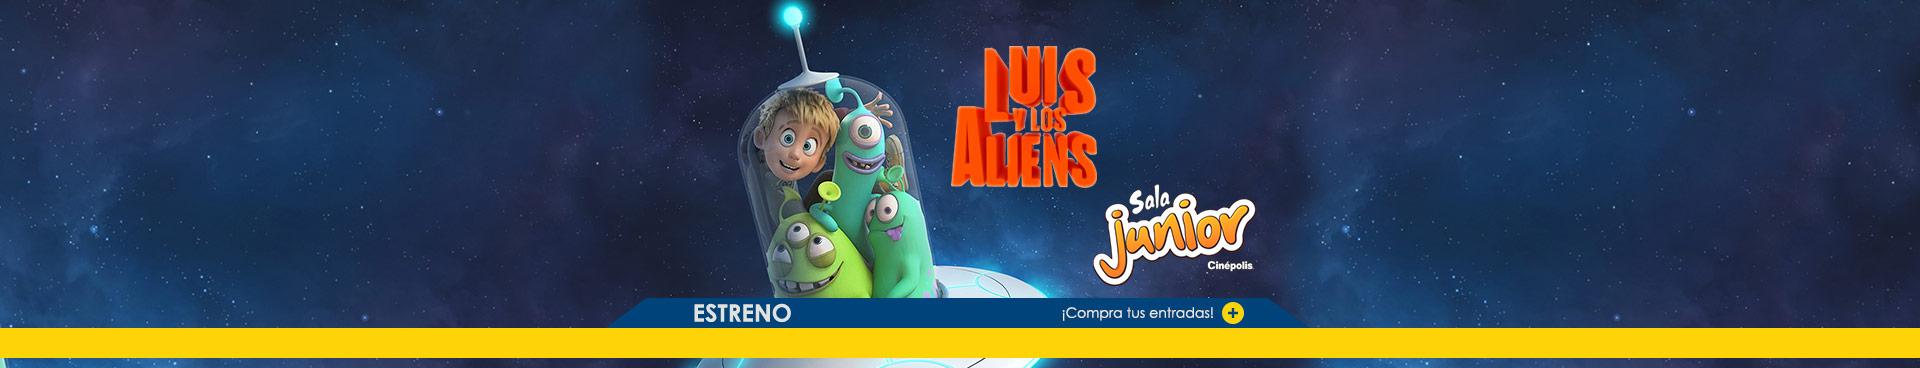 Estreno Luis y los aliens